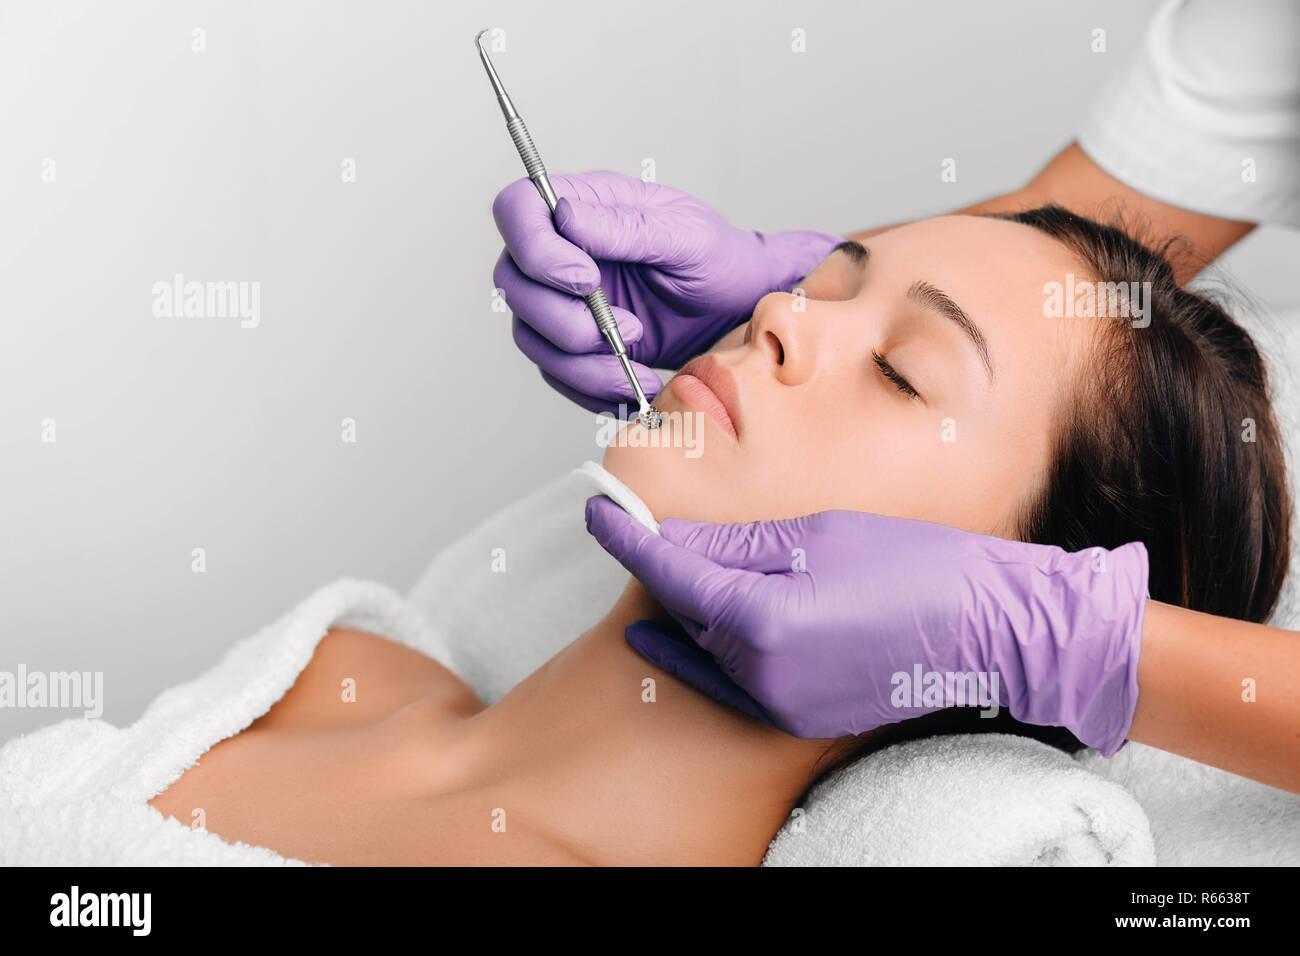 Belle femme, nettoyage du visage mécanique, enlever le point noir Photo Stock